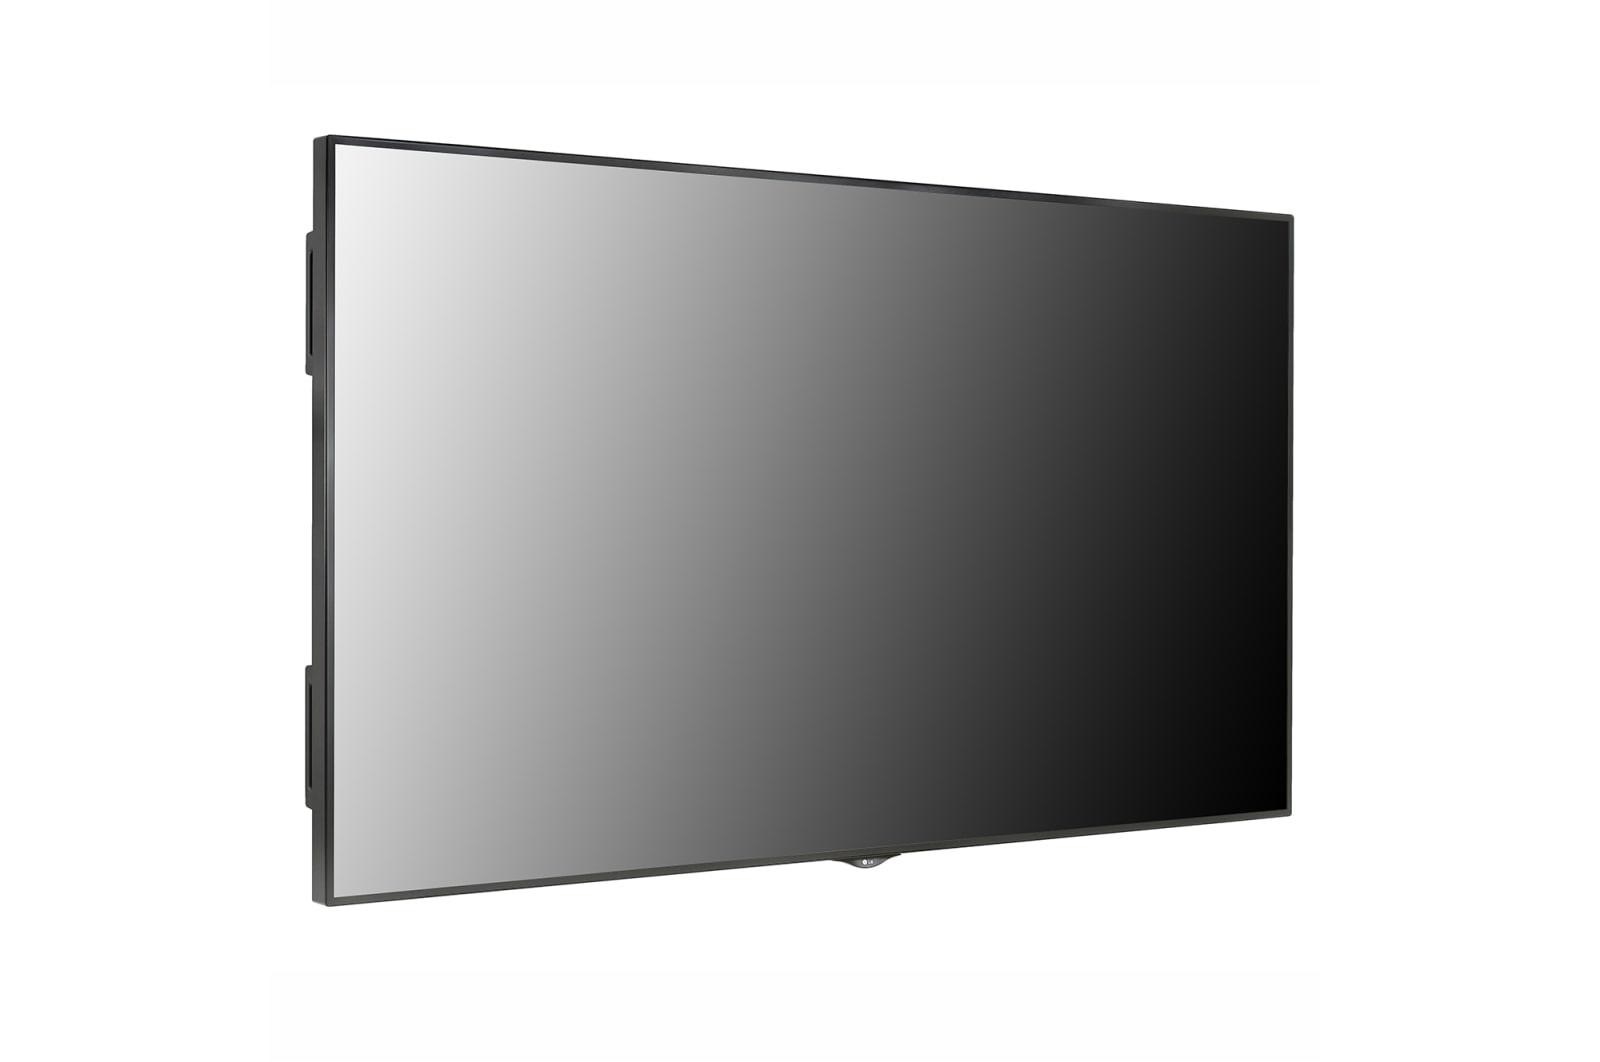 LG 98UH5E-B | 98 Inch Digital Signage | LG HK